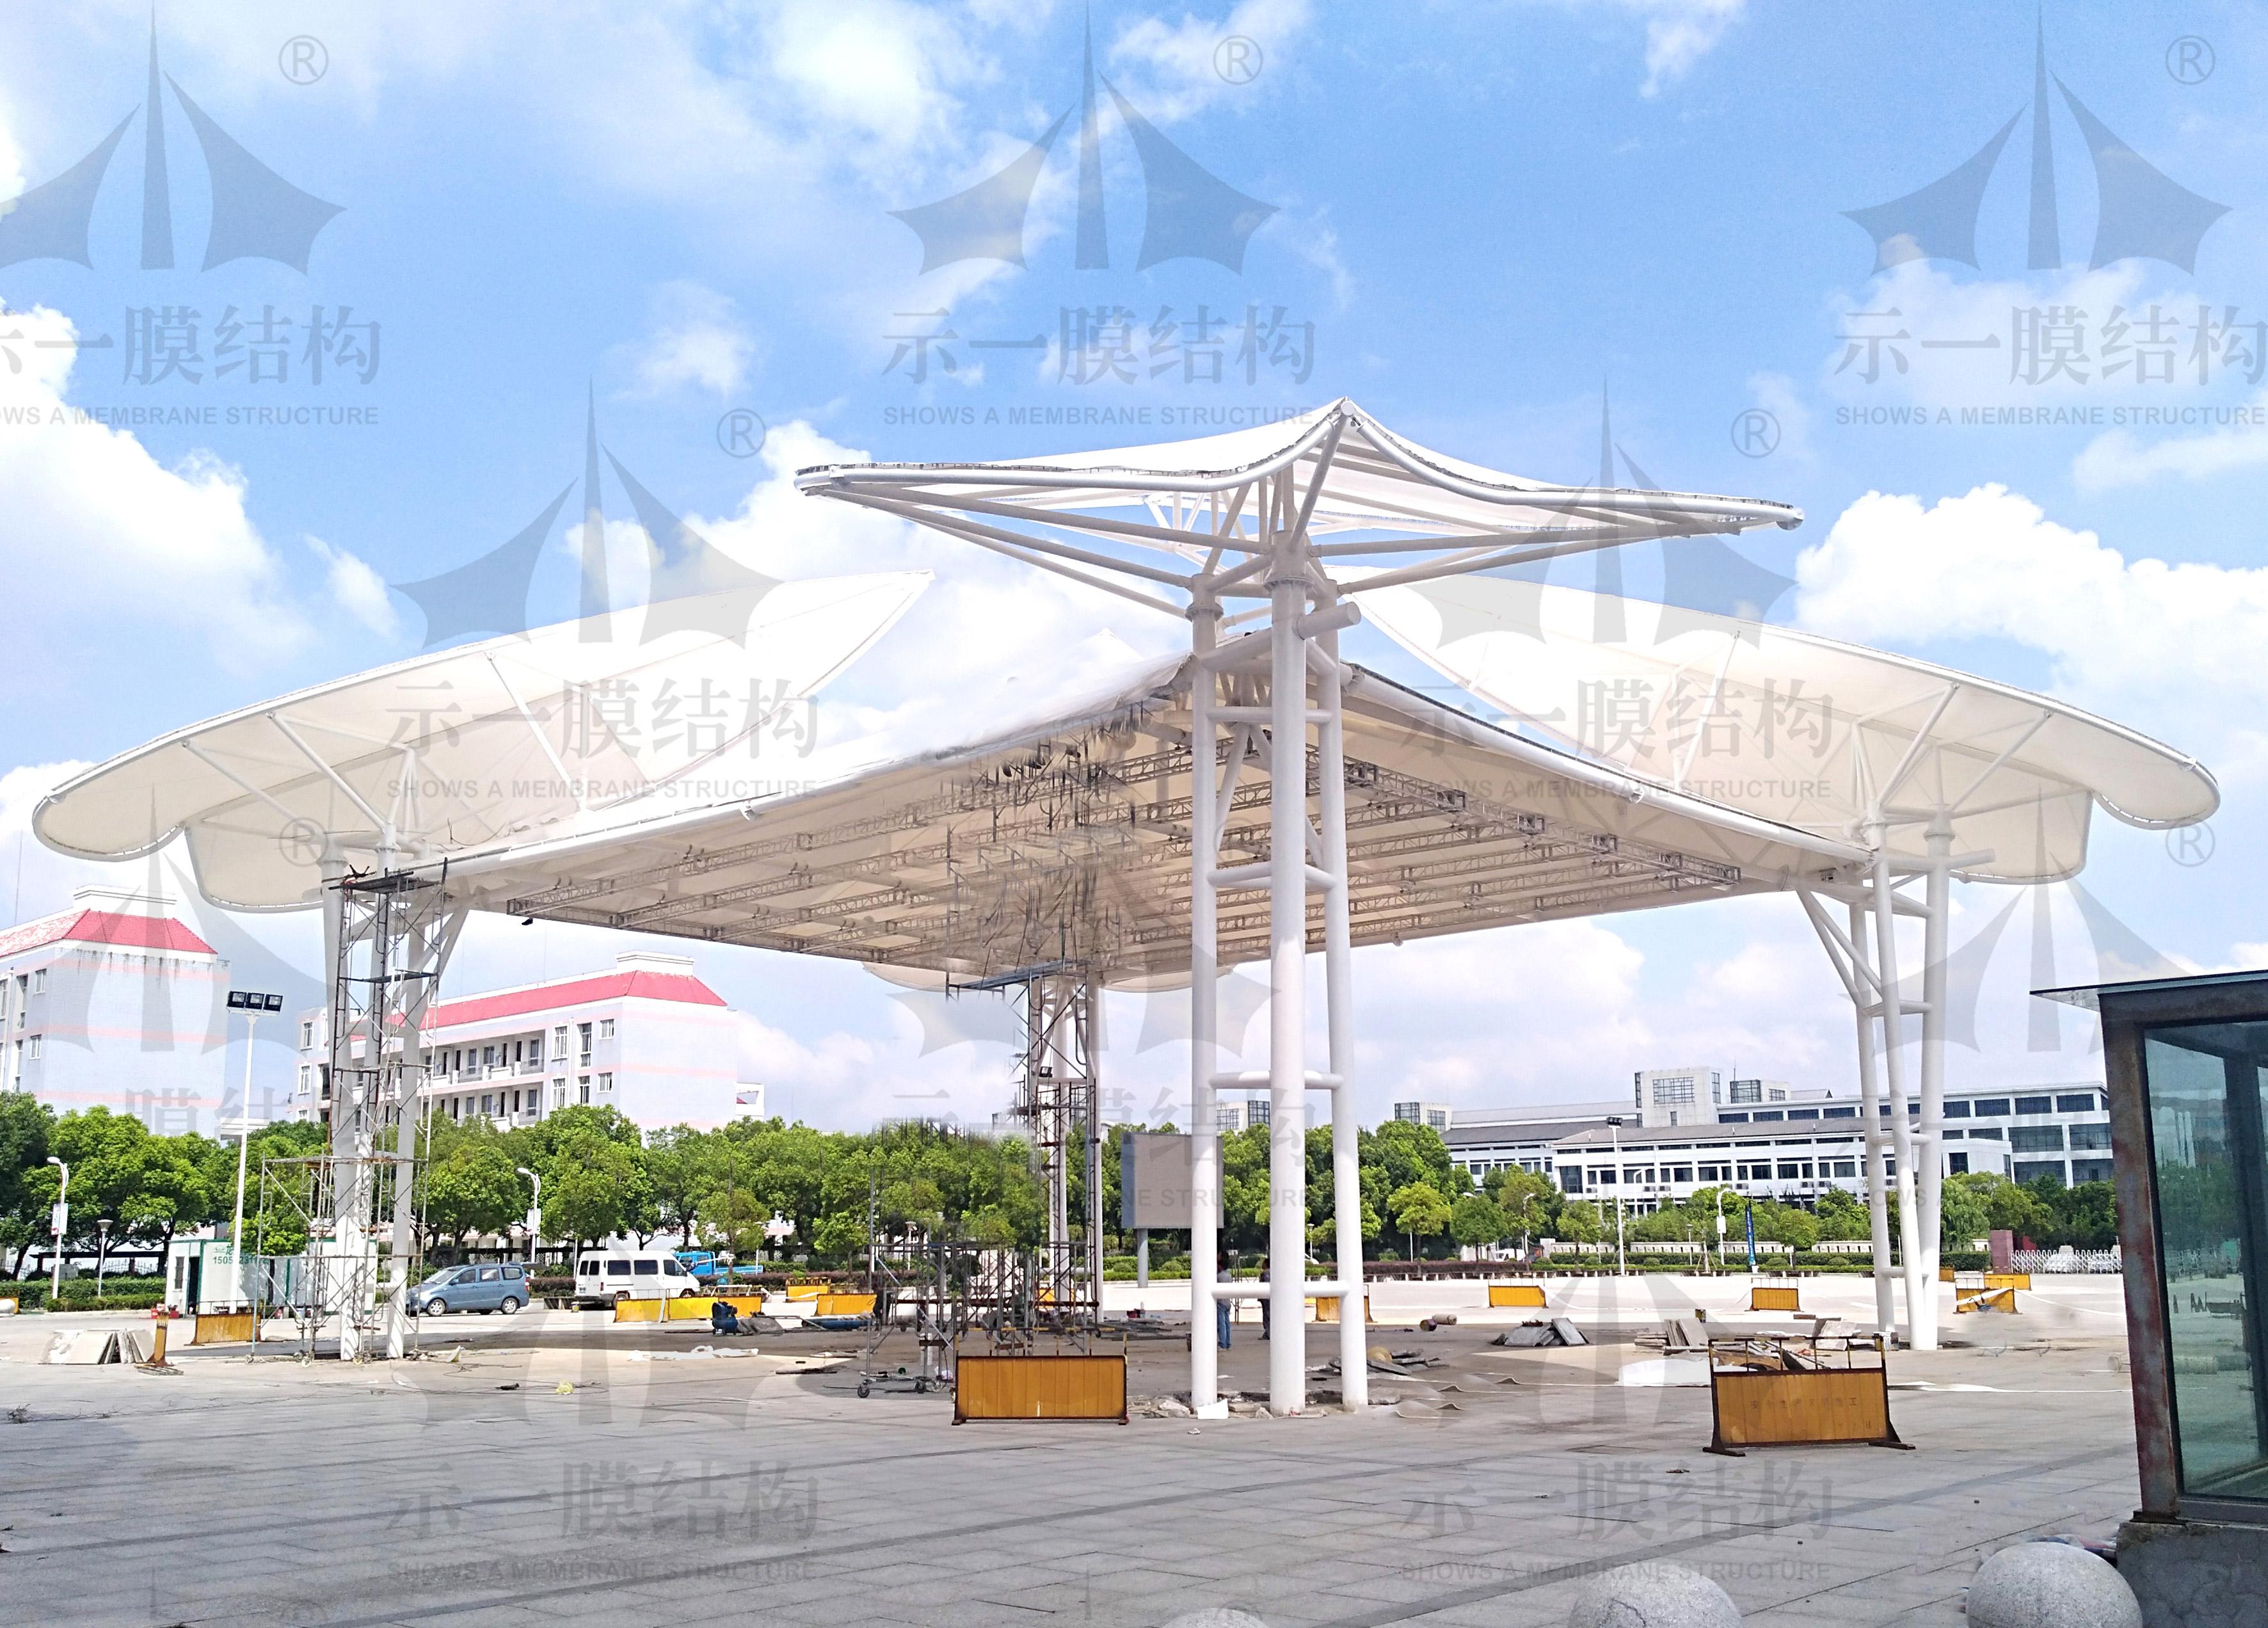 上海示一膜结构徐泾膜结构舞台工程